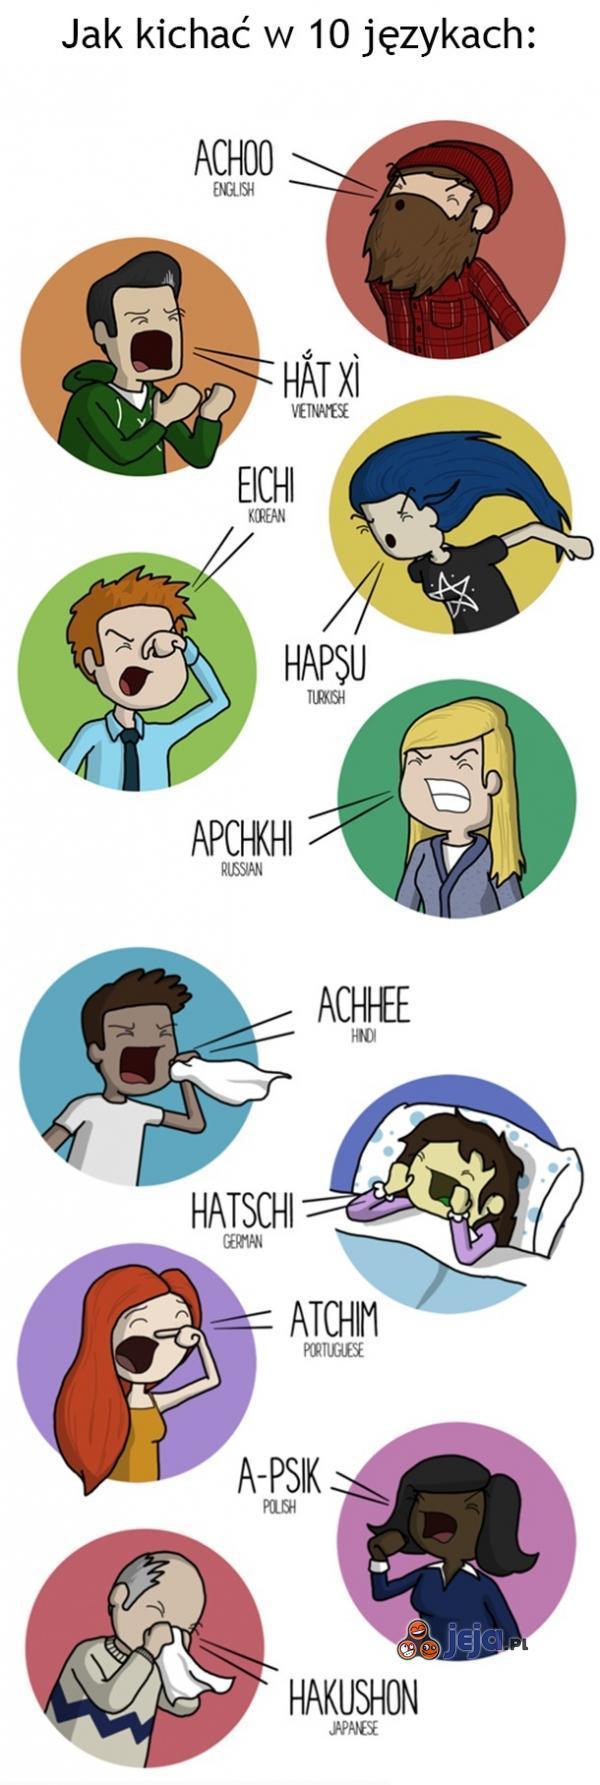 Jak kichać w 10 językach